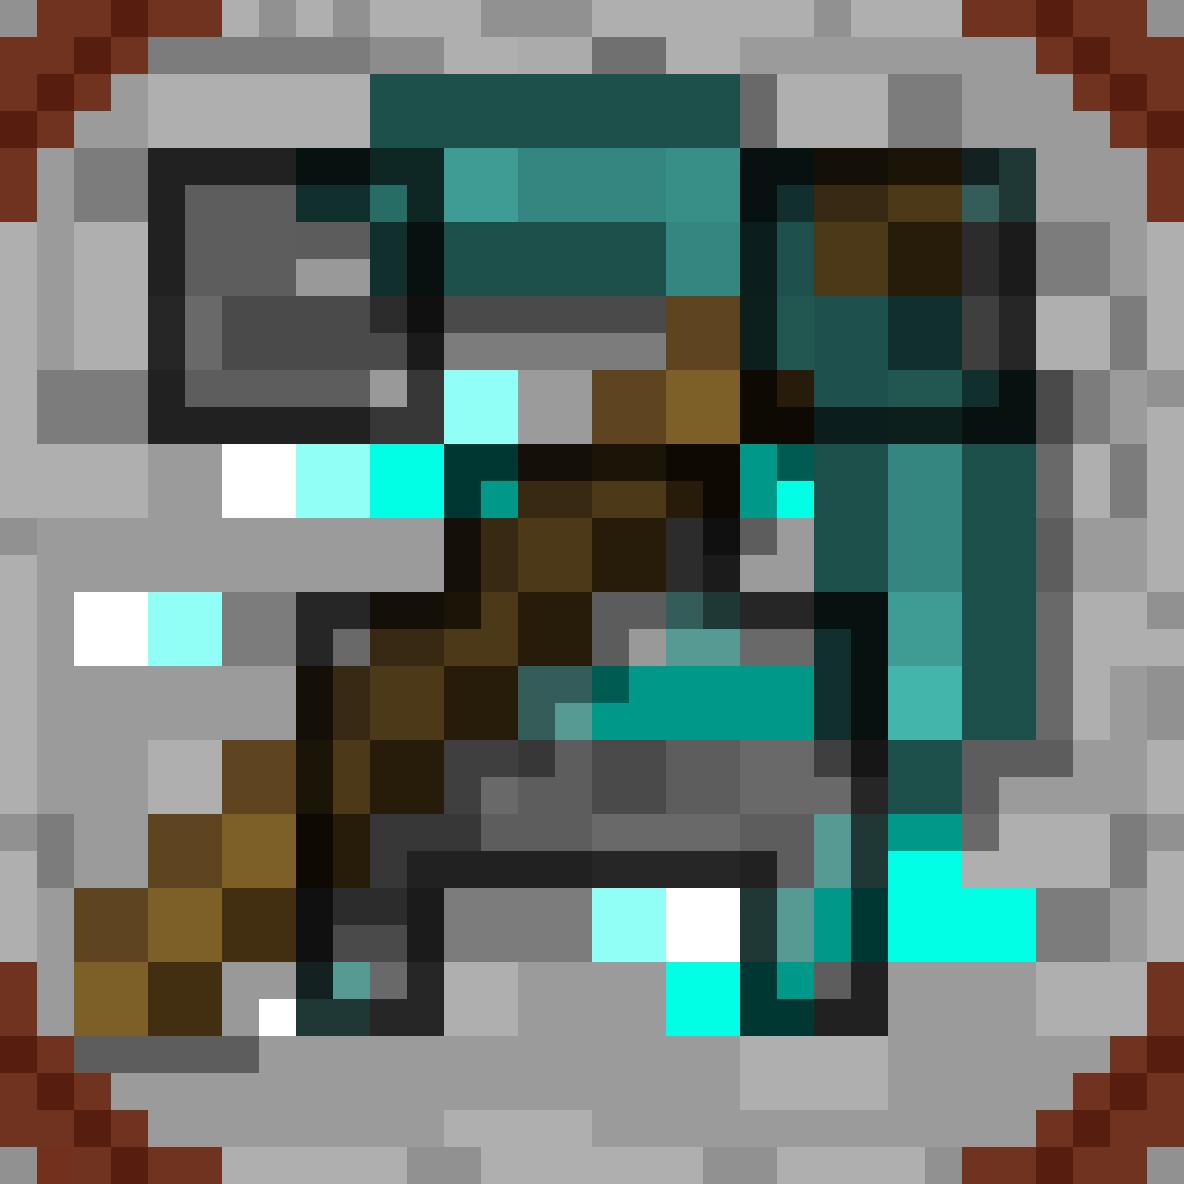 Pixilart Minecraft 2 0 By Pixpixartart